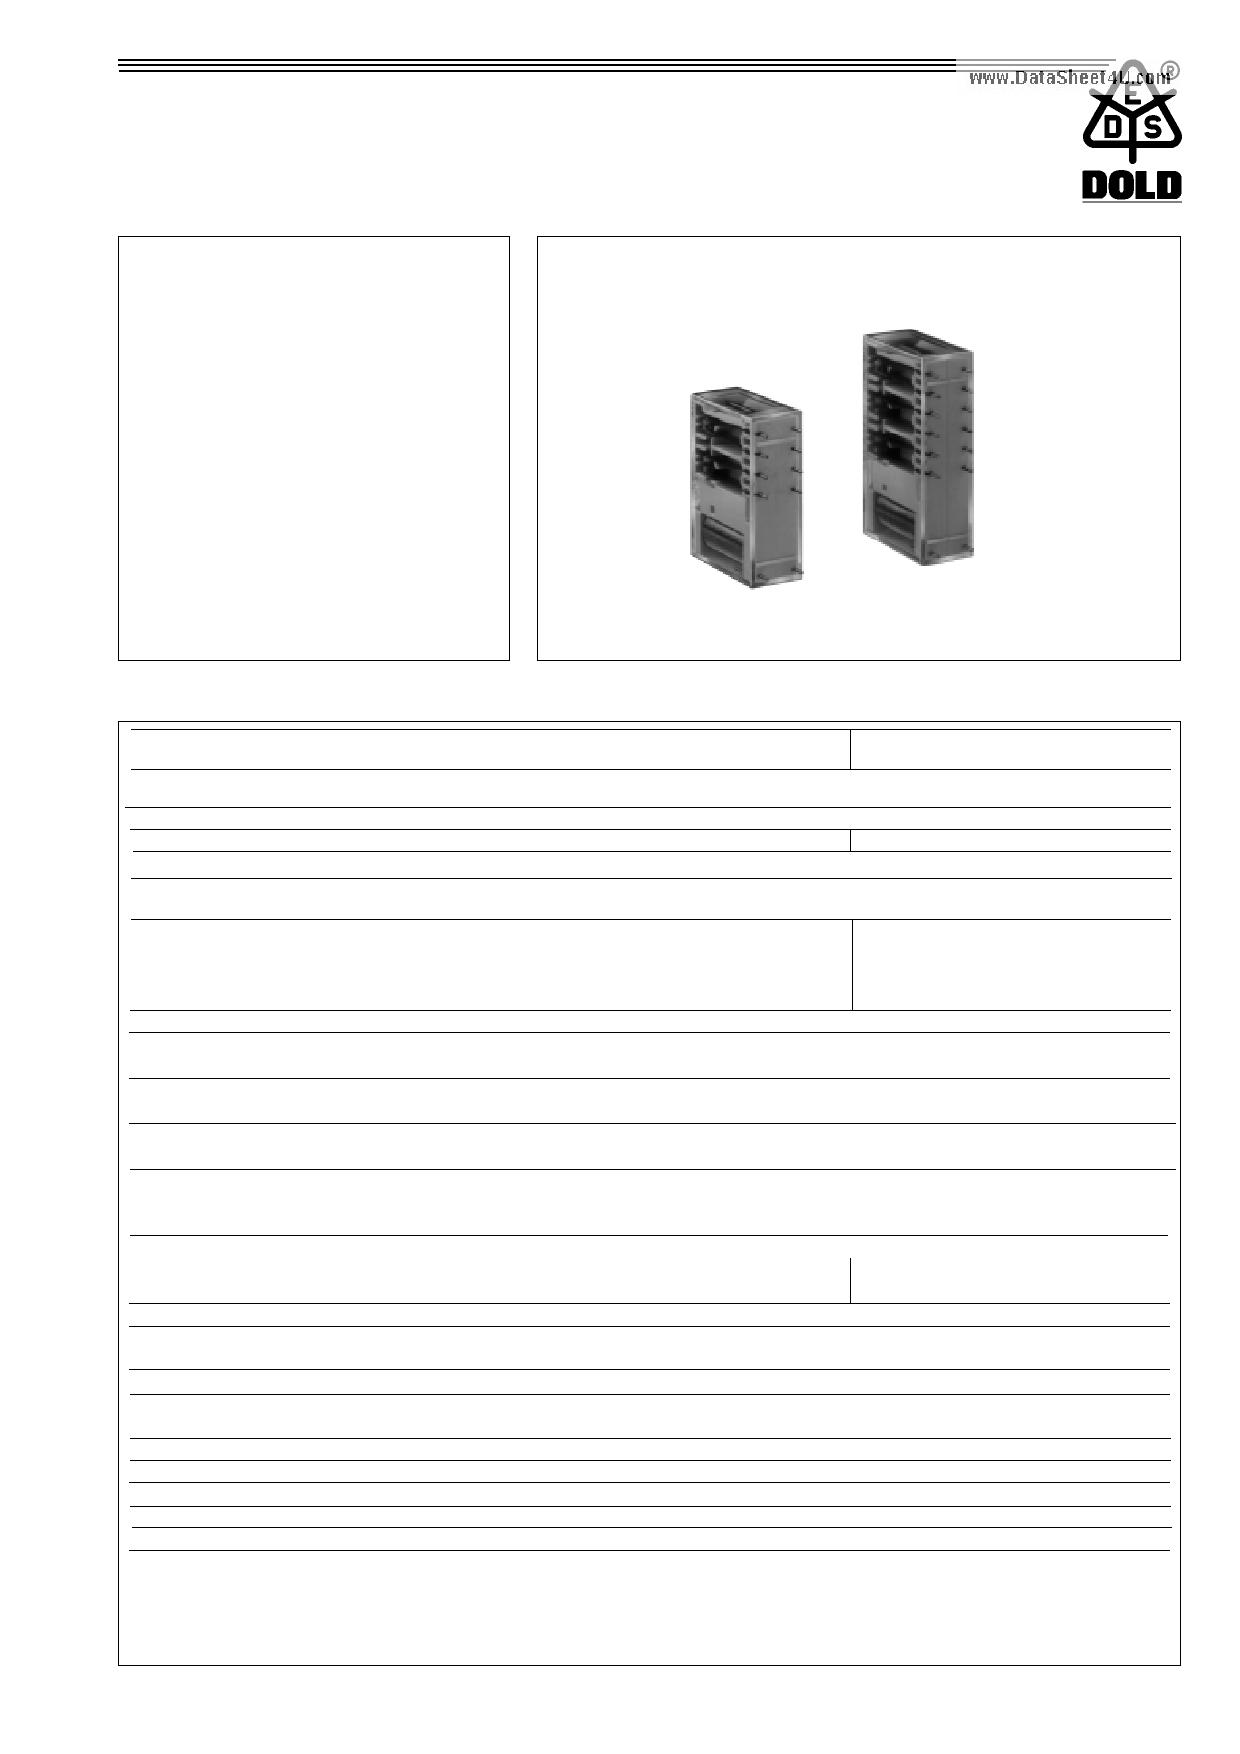 OA5611 datasheet